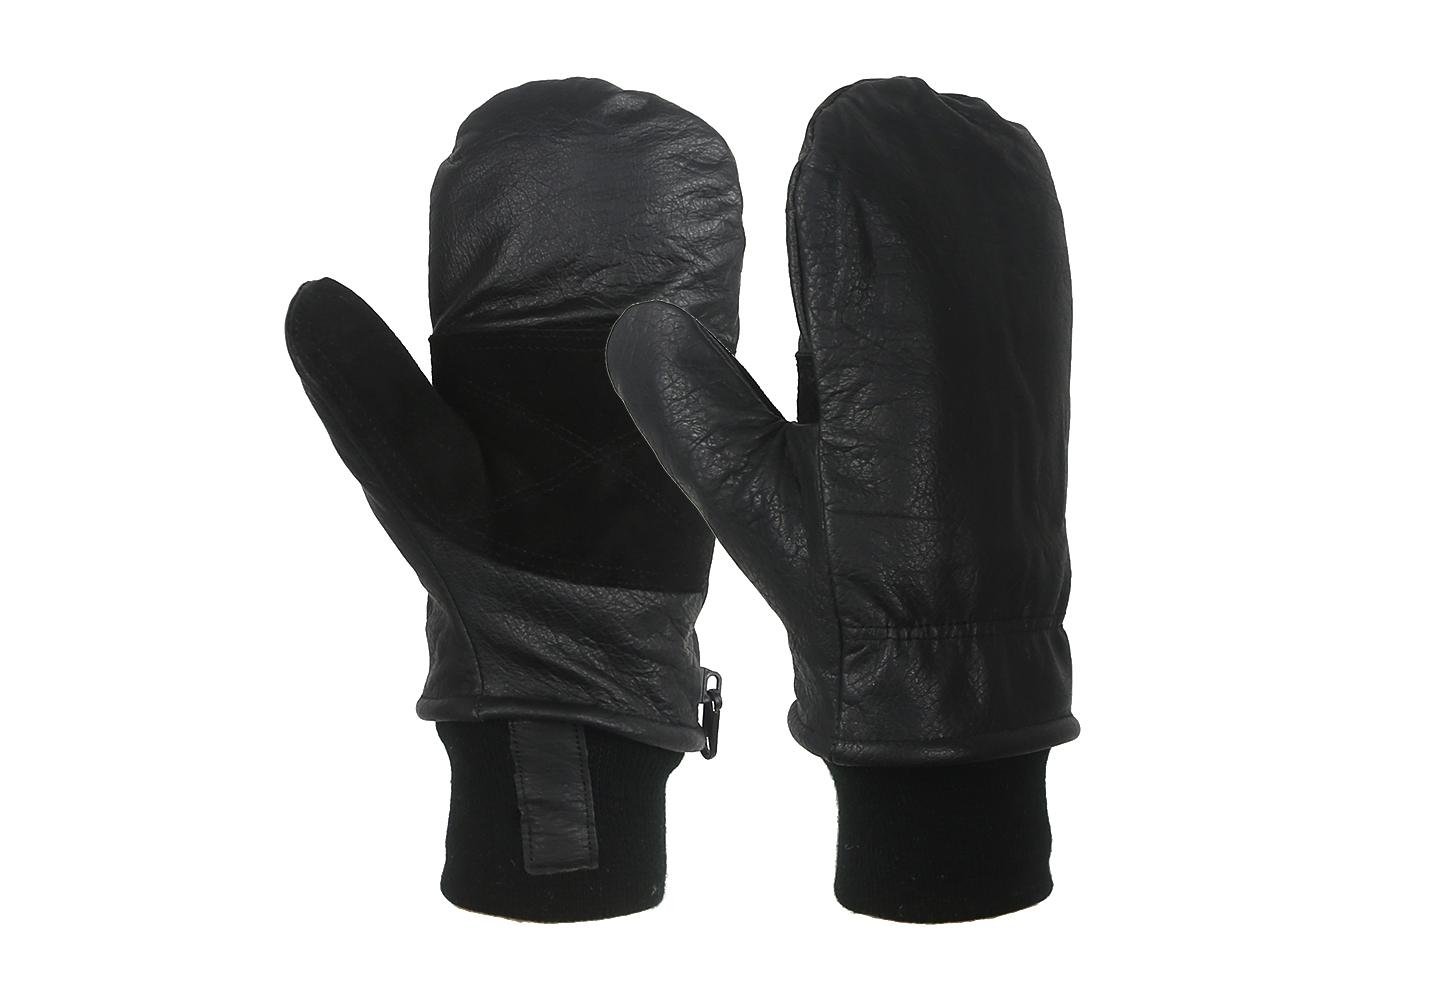 Black Cow Full Grain Leather Shell Mitt Removable Liner/CLG-011